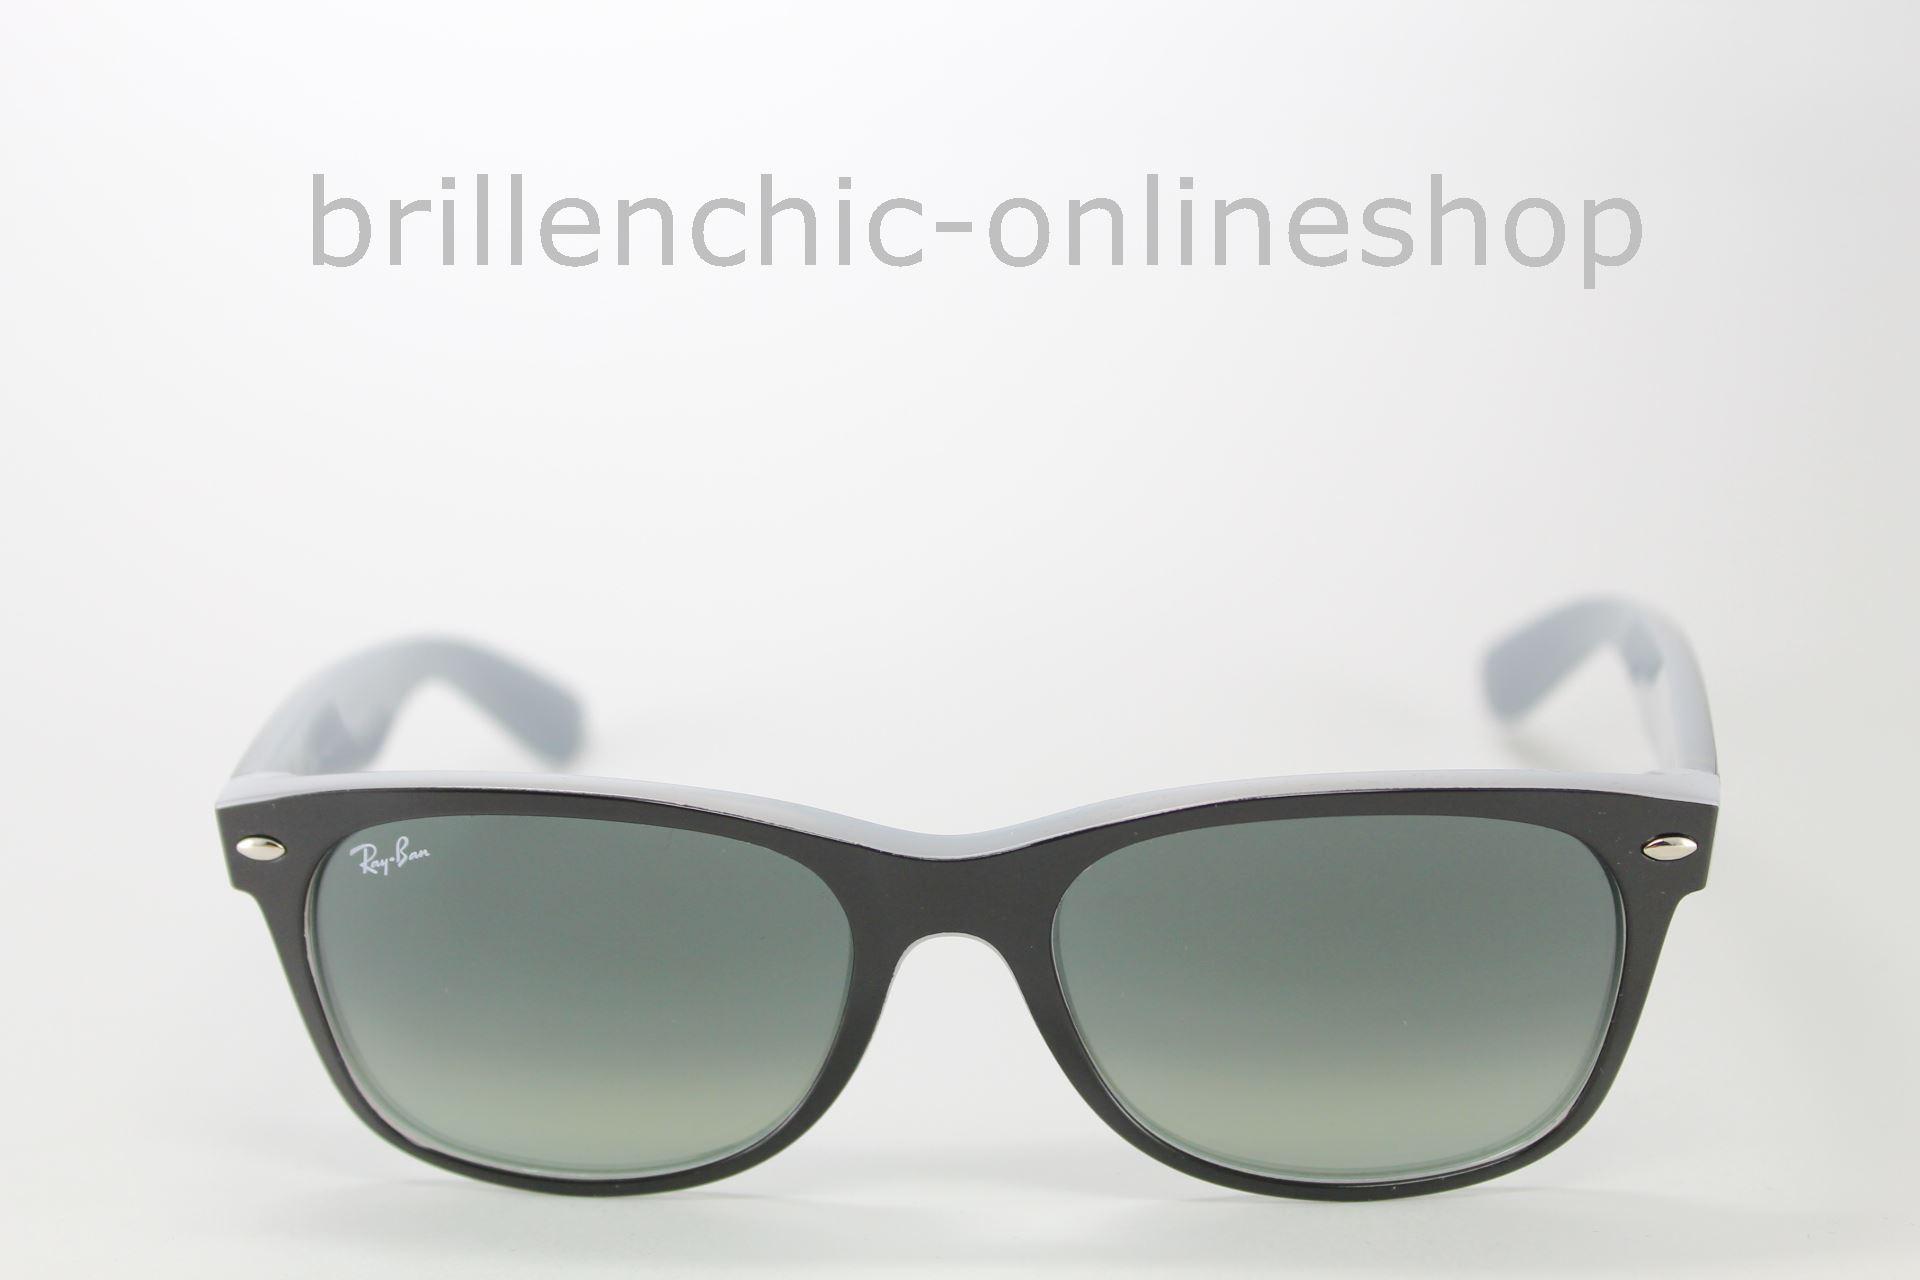 011cb2b0c5 Brillenchic - onlineshop Berlin Ihr starker Partner für exklusive Brillen  online kaufen Ray Ban NEW WAYFARER RB 2132 6309 71 exklusiv im Brillenchic-  ...